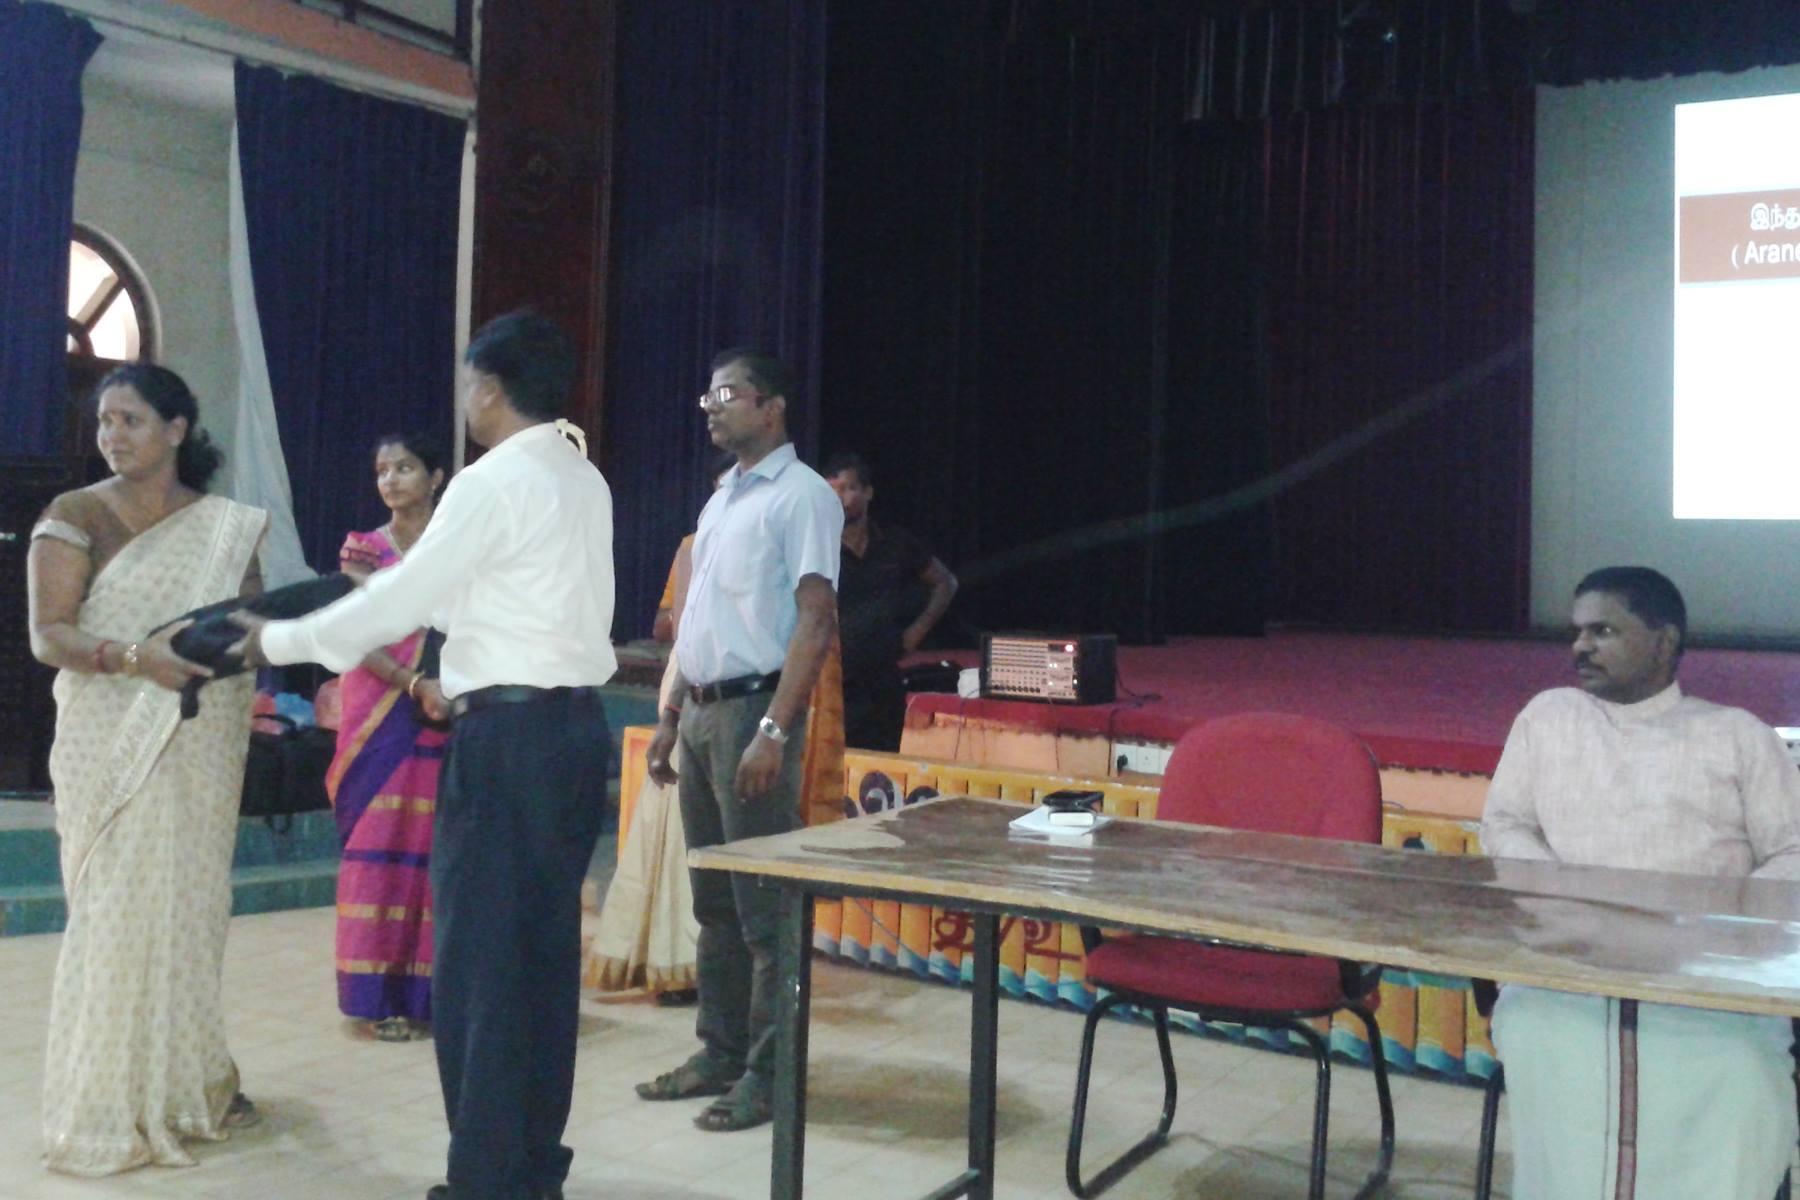 திருகோணமலை மாவட்ட அறநெறிப் பாடசாலை ஆசிரியர்களுக்கான கருத்தரங்கு